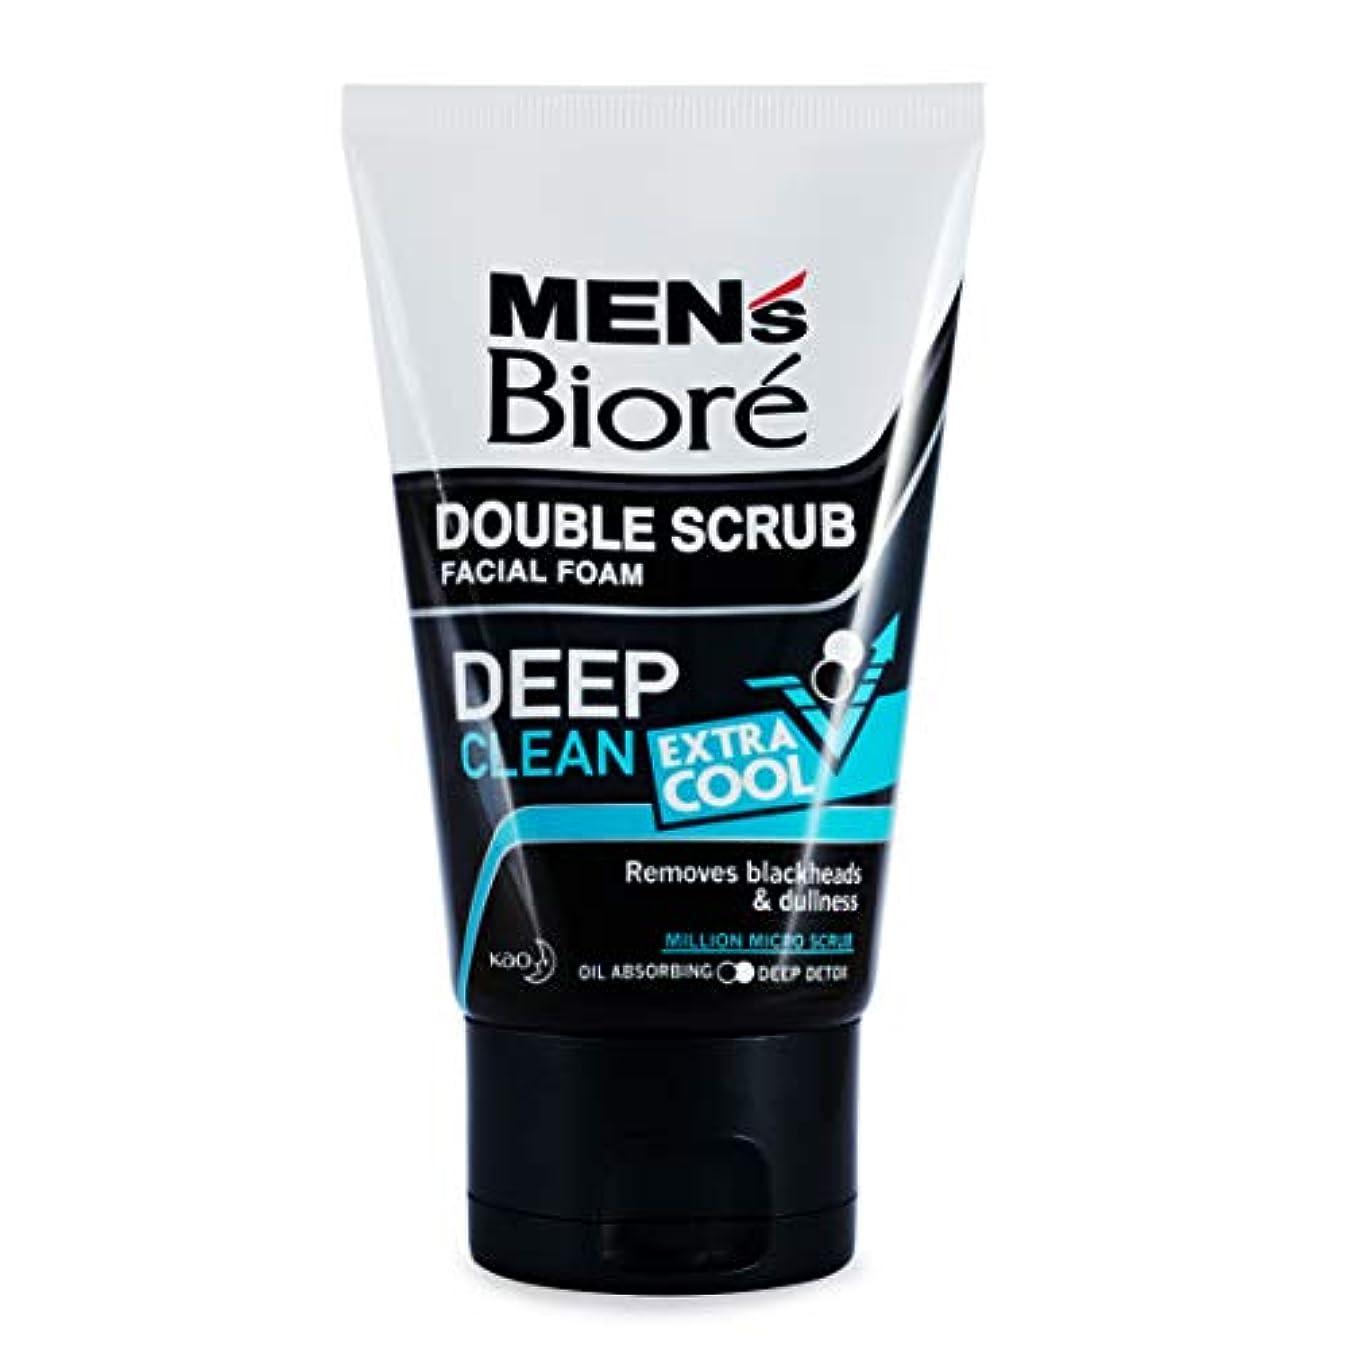 オズワルド抹消調停するBiore Men's ダブルスクラブ余分なクールな顔泡100グラム、なめらかな明るい&健康な皮膚。 - 非常にクール&さわやかな感覚。